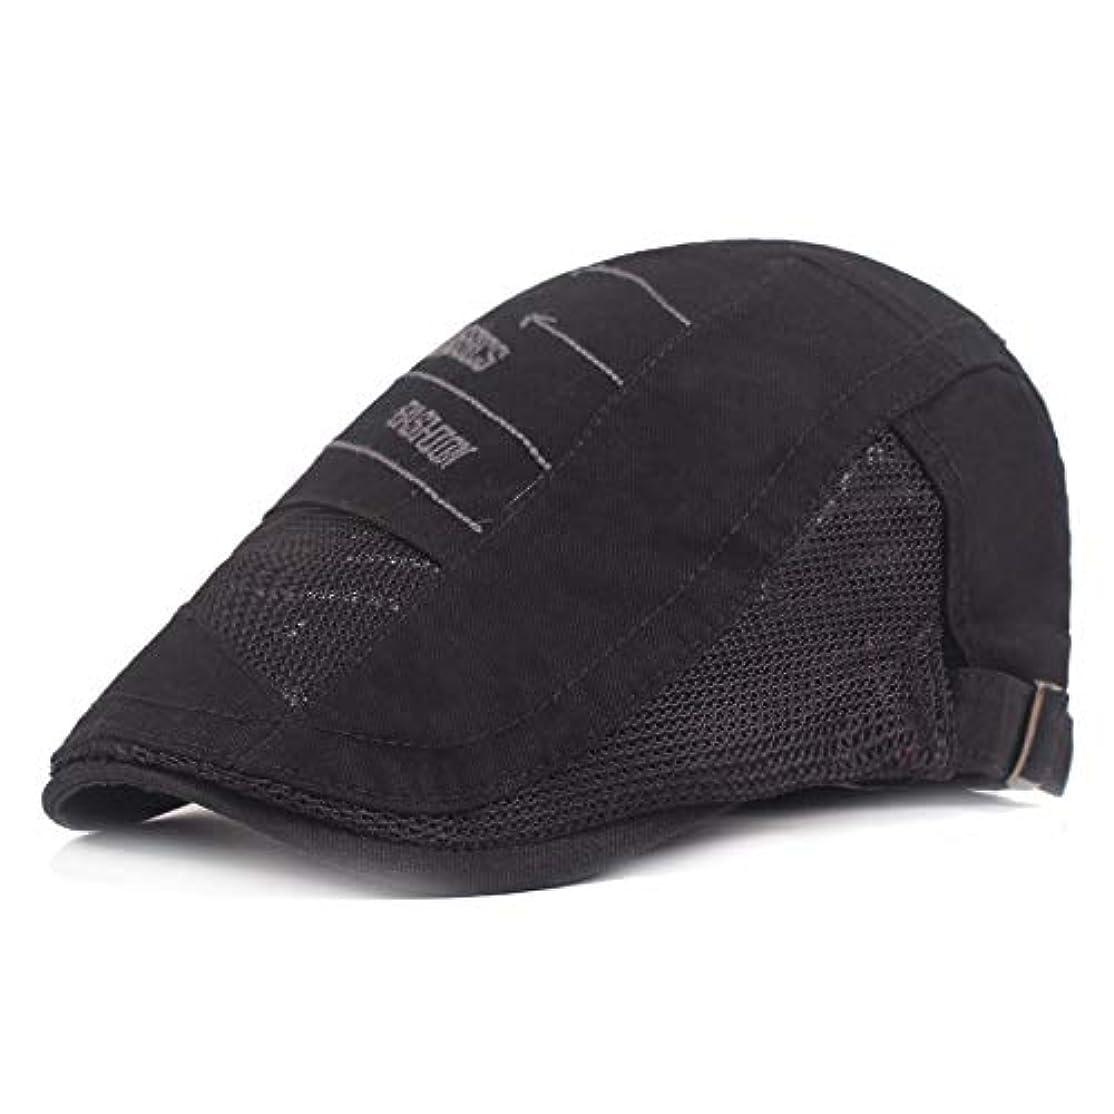 ターミナル選択迫害するサマー ベレー帽 メッシュ キャスケットハンチング帽 メンズ レディース ハット トレッキング日よけ 帽子